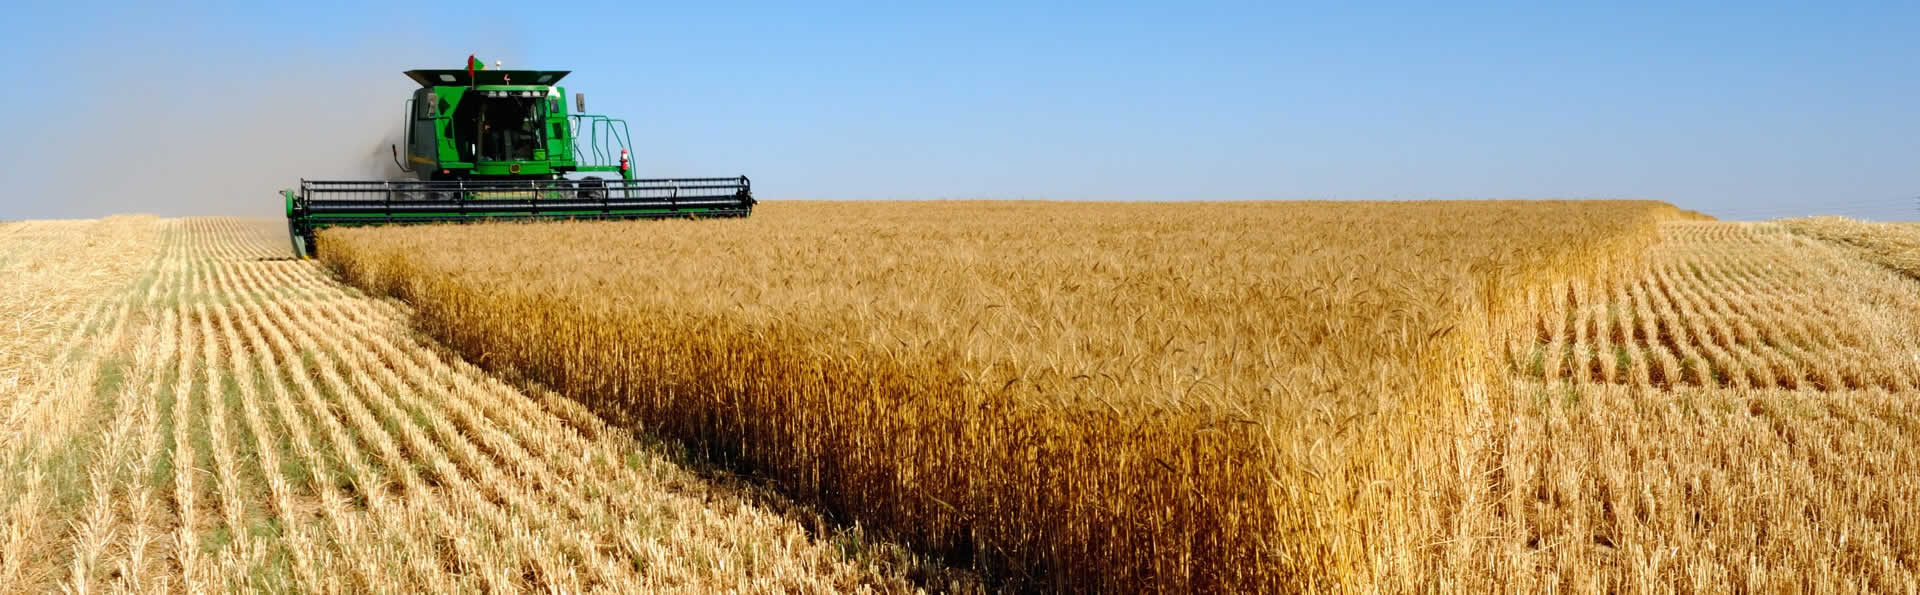 Como valorizar a parceria com o fornecedor de cabos agrícolas